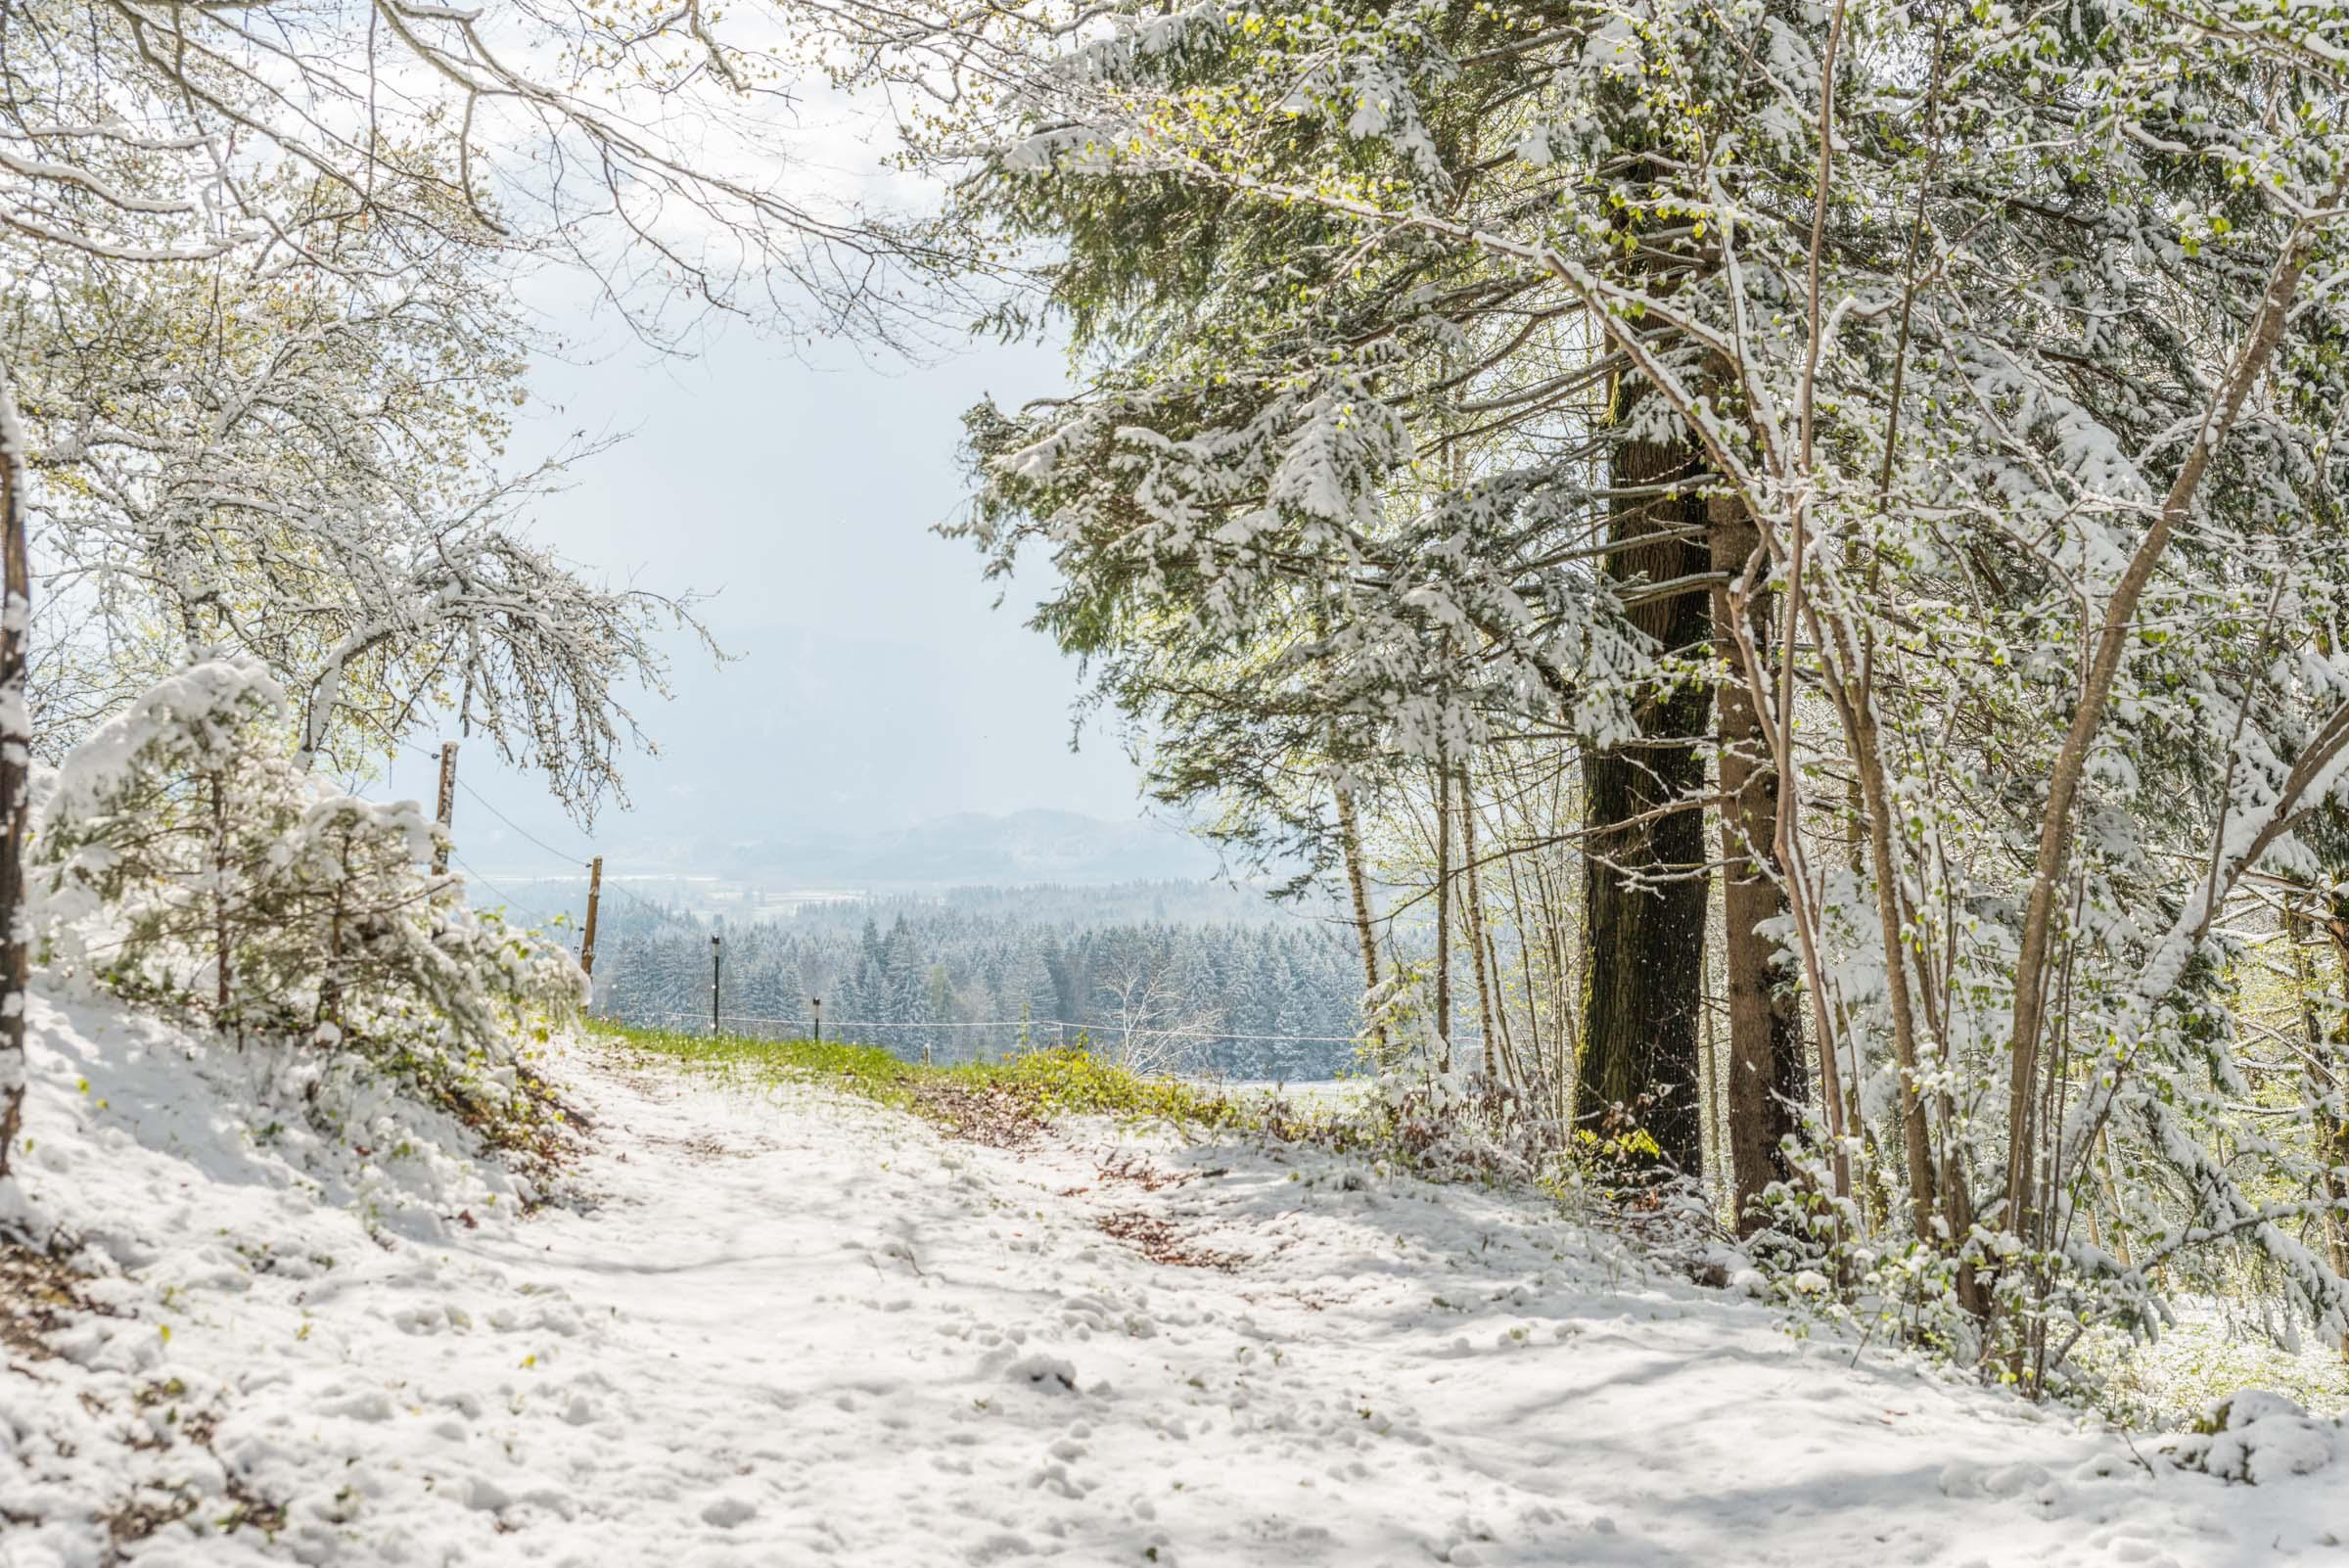 Vitalhotel Sonnen Aktivurlaub im Winter